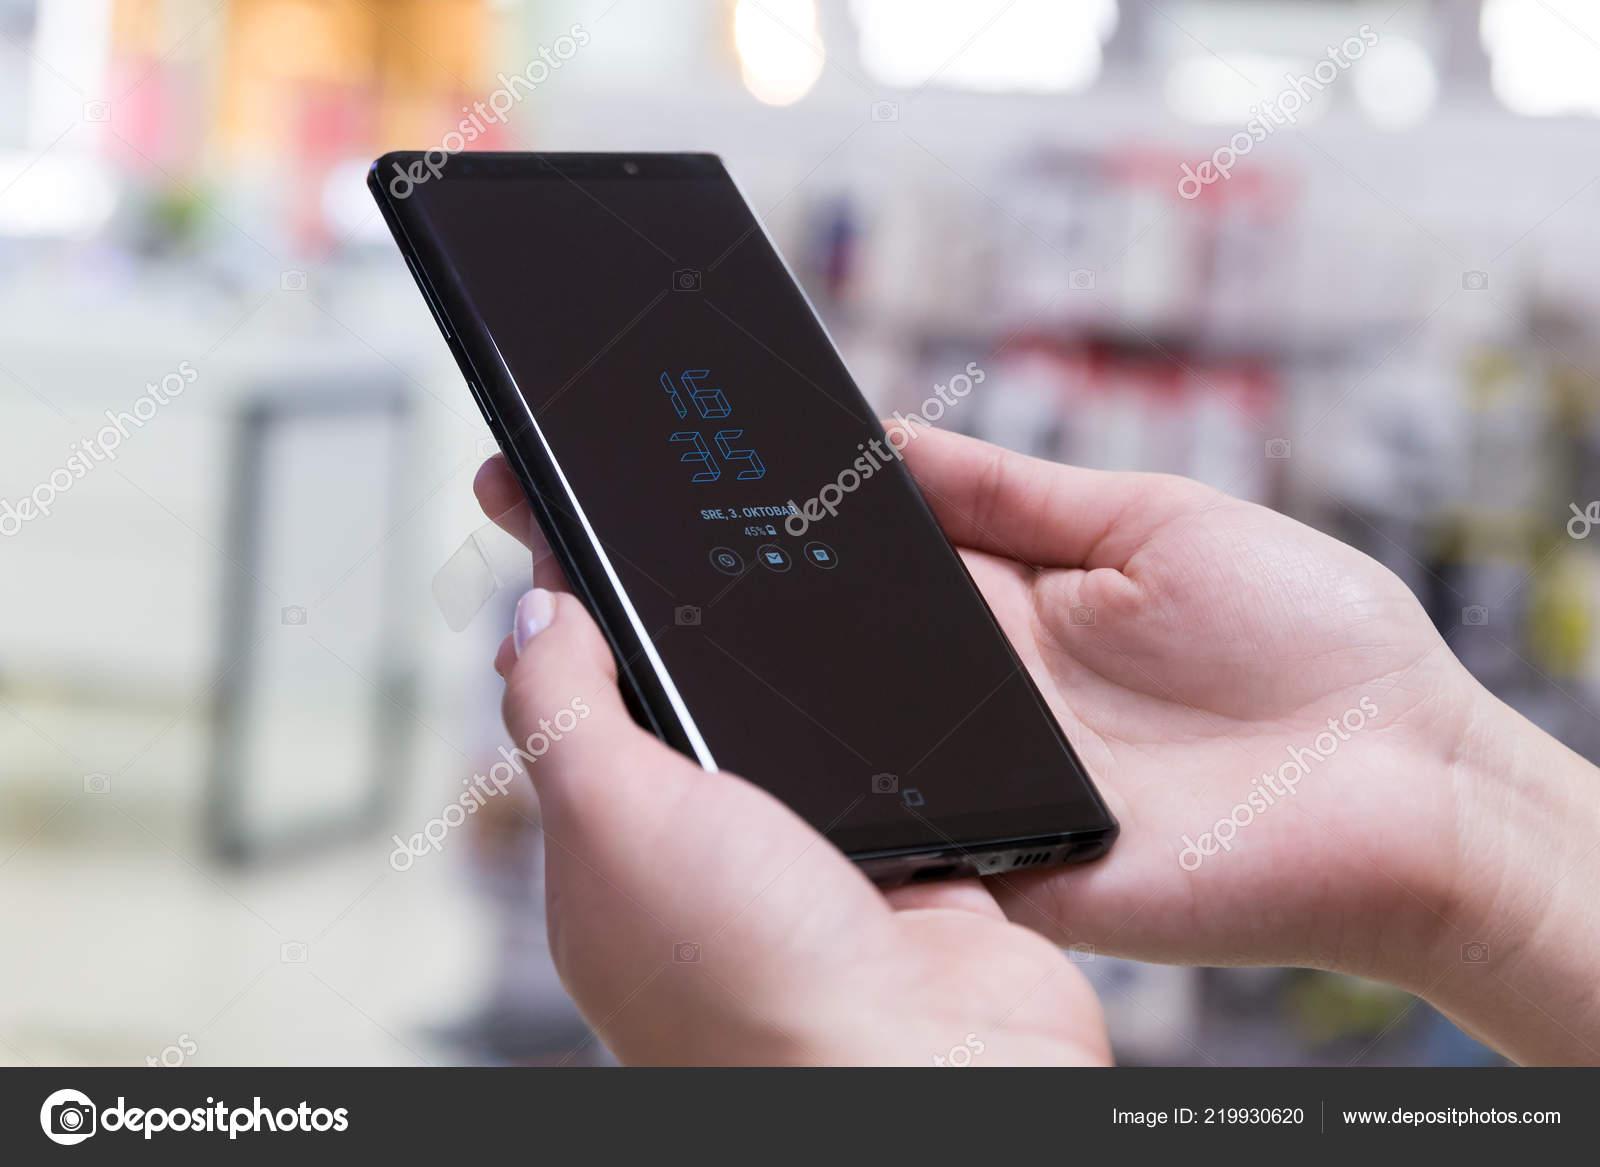 0ae3acada0 Belgrado, Sérvia - 3 de outubro de 2018: Novo Smartphone Samsung Galaxy  Note 9 é exibido com hora e data na tela. Telefone celular em mãos no fundo  isolado.